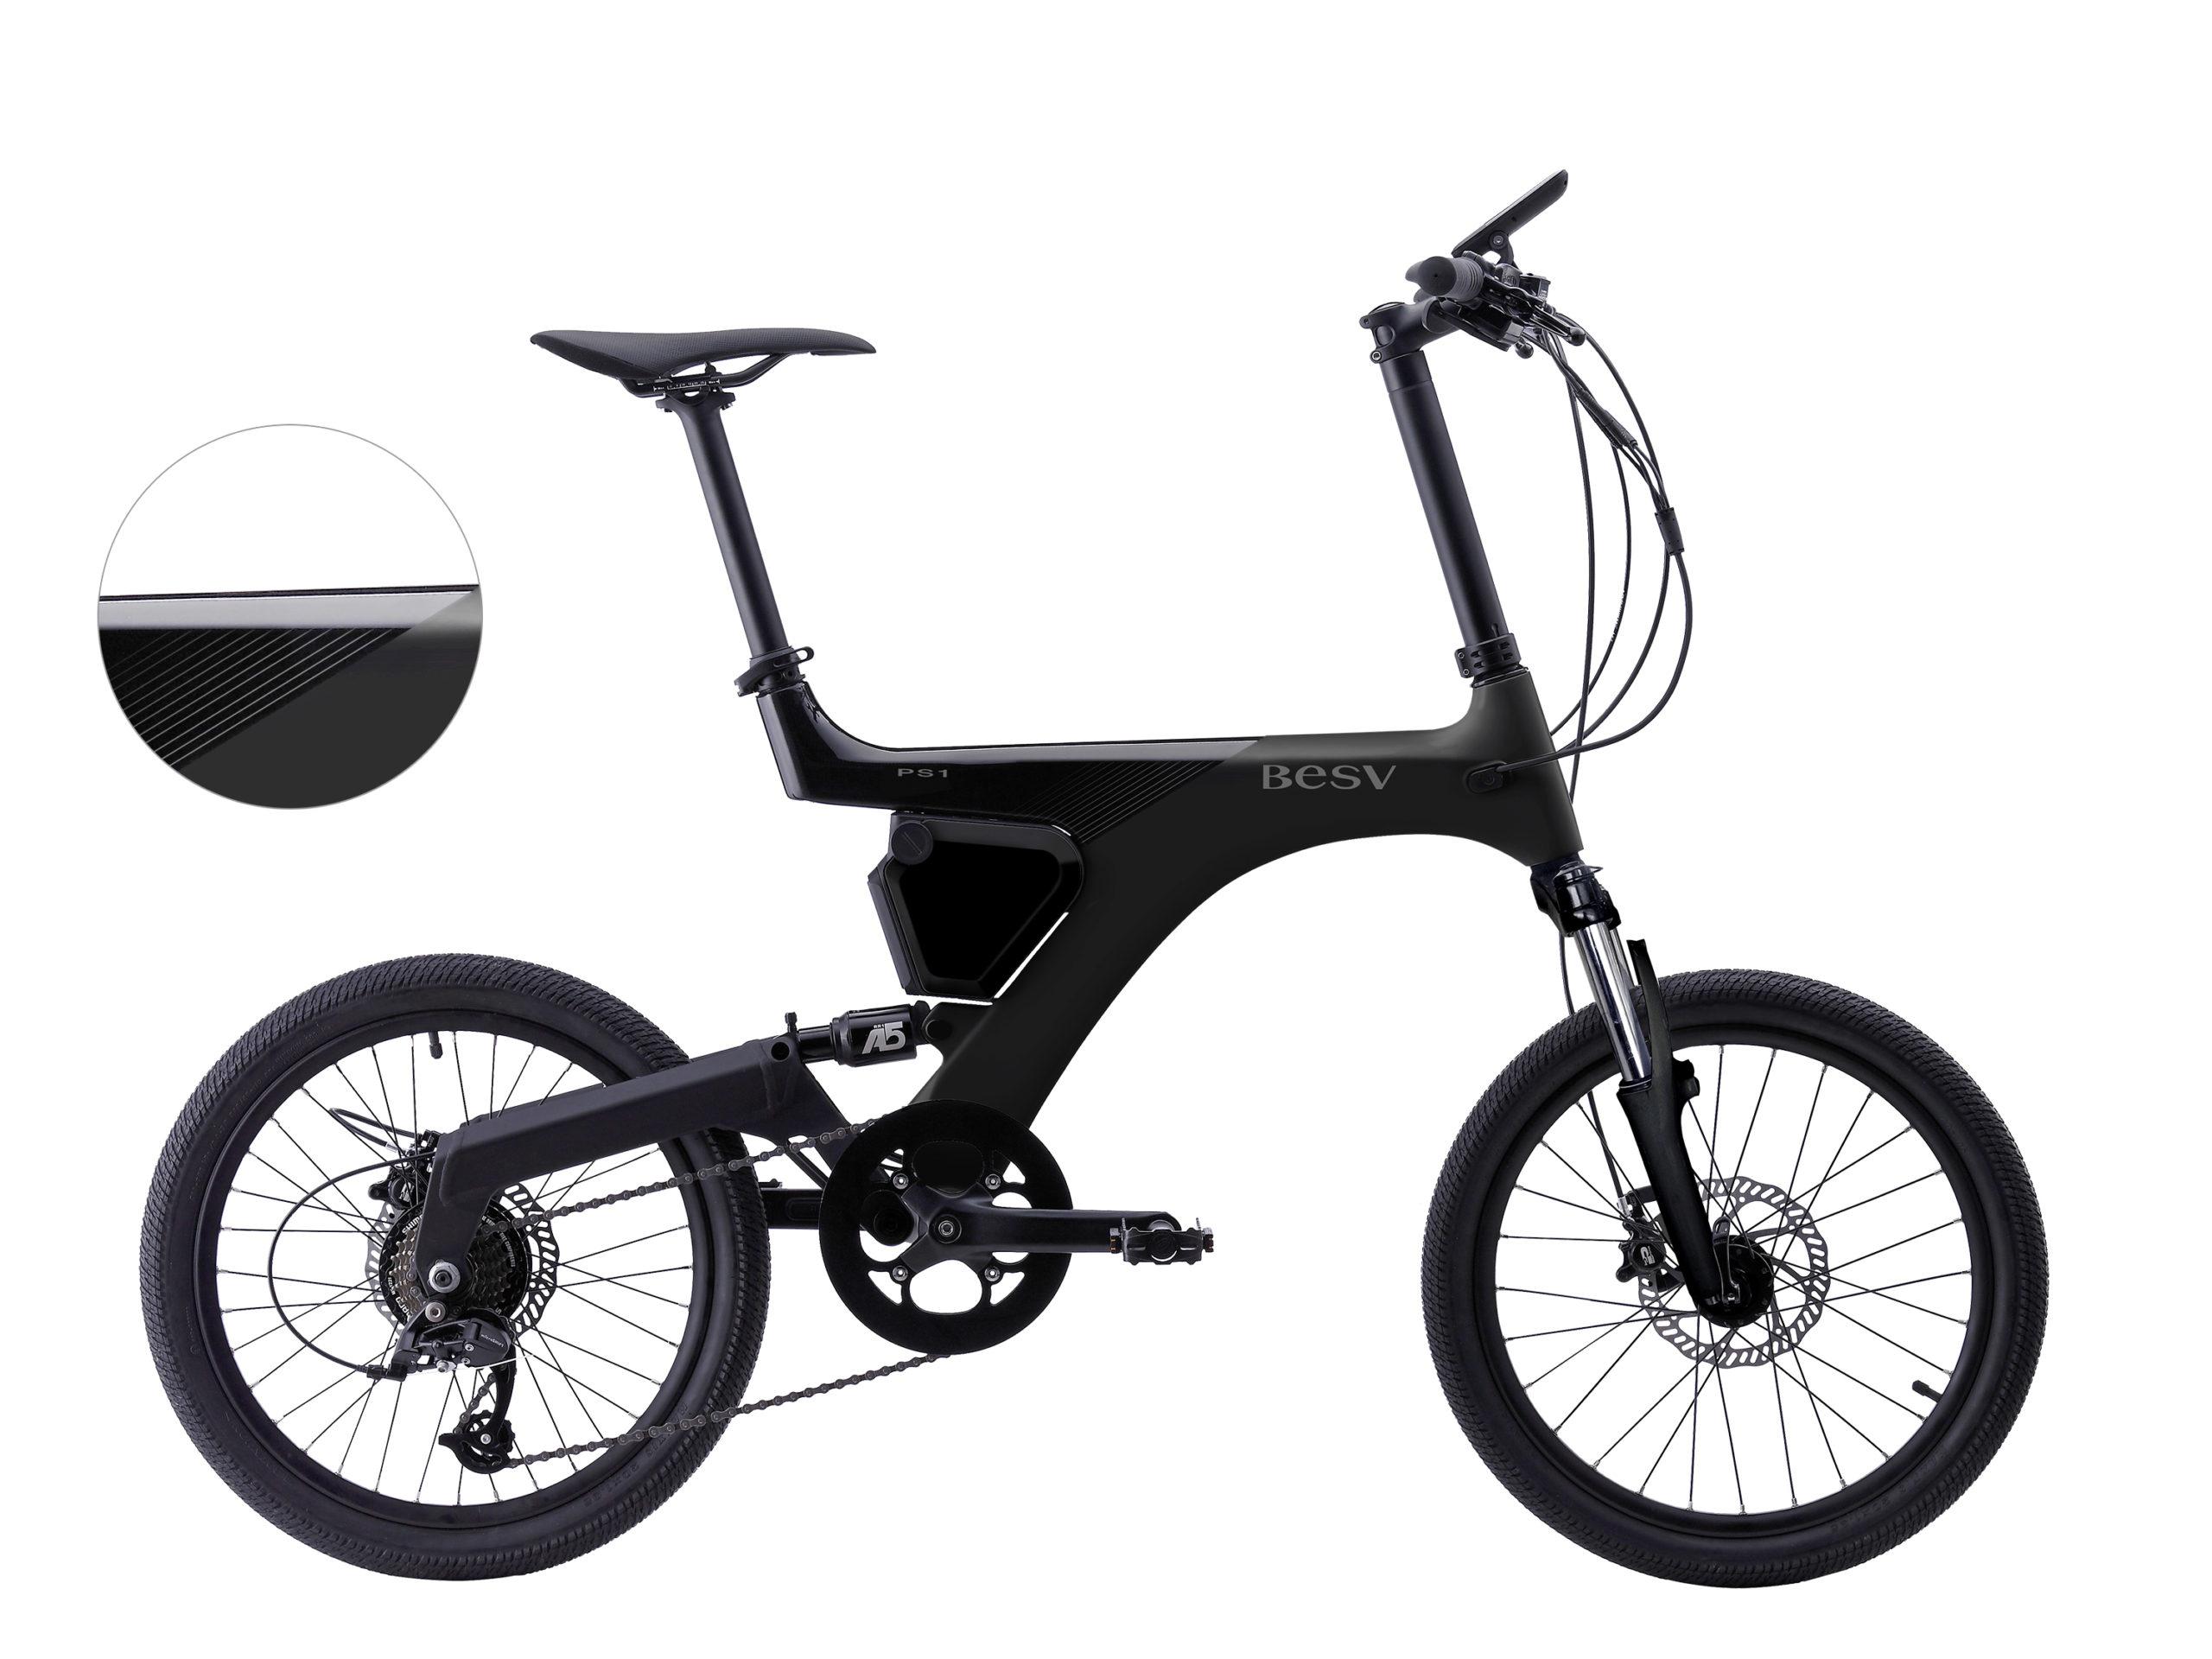 次世代プレミアムe-Bike「BESV」より人気のPSシリーズにマットブラック登場!